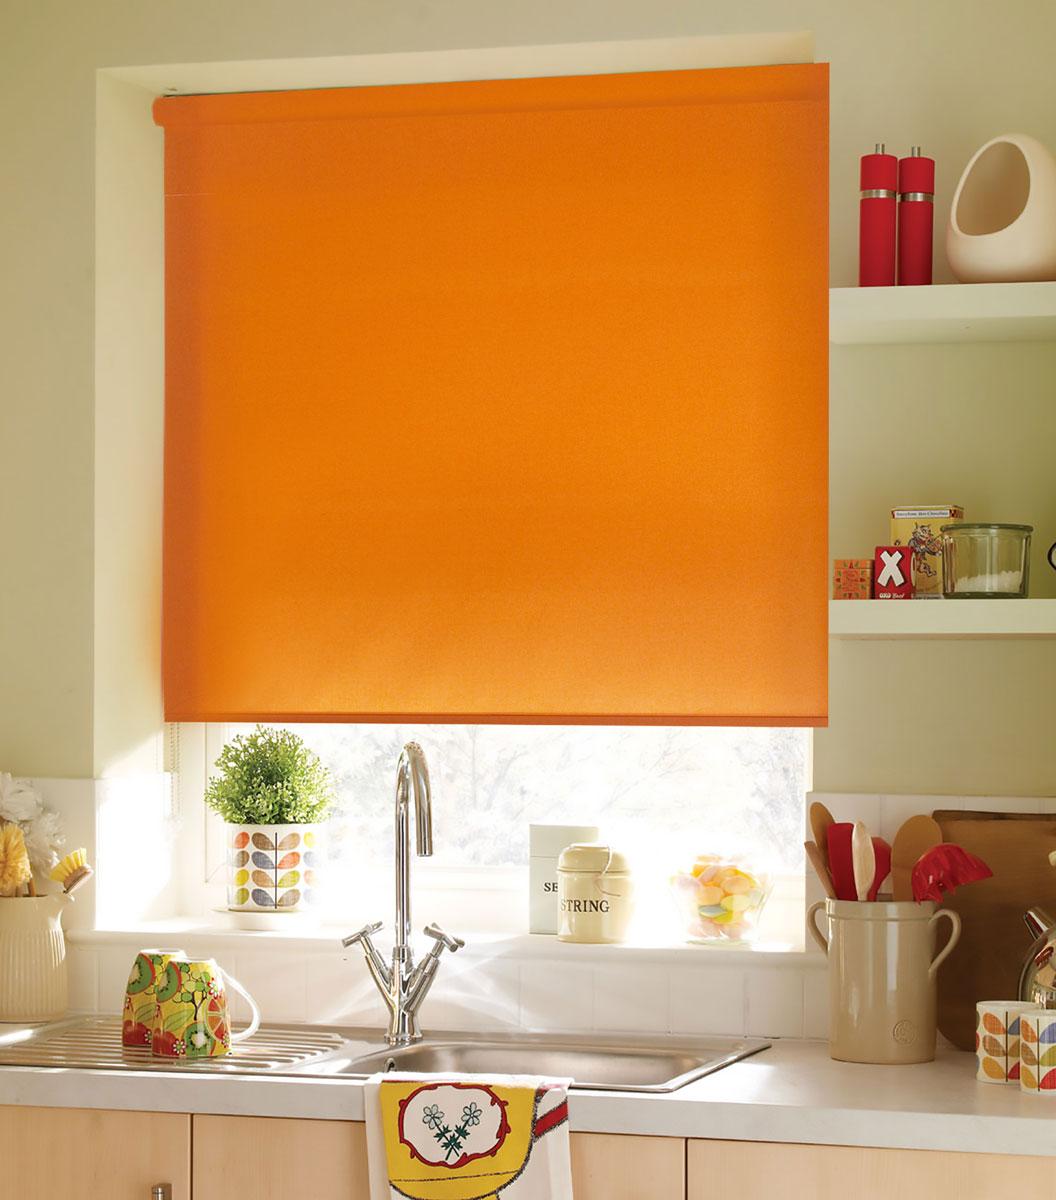 Штора рулонная KauffOrt Миниролло, цвет: оранжевый, ширина 73 см, высота 170 смGC013/00Рулонная штора KauffOrt Миниролло выполнена из высокопрочной ткани, которая сохраняет свой размер даже при намокании. Ткань не выцветает и обладает отличной цветоустойчивостью.Миниролло - это подвид рулонных штор, который закрывает не весь оконный проем, а непосредственно само стекло. Такие шторы крепятся на раму без сверления при помощи зажимов или клейкой двухсторонней ленты (в комплекте). Окно остается на гарантии, благодаря монтажу без сверления. Такая штора станет прекрасным элементом декора окна и гармонично впишется в интерьер любого помещения.